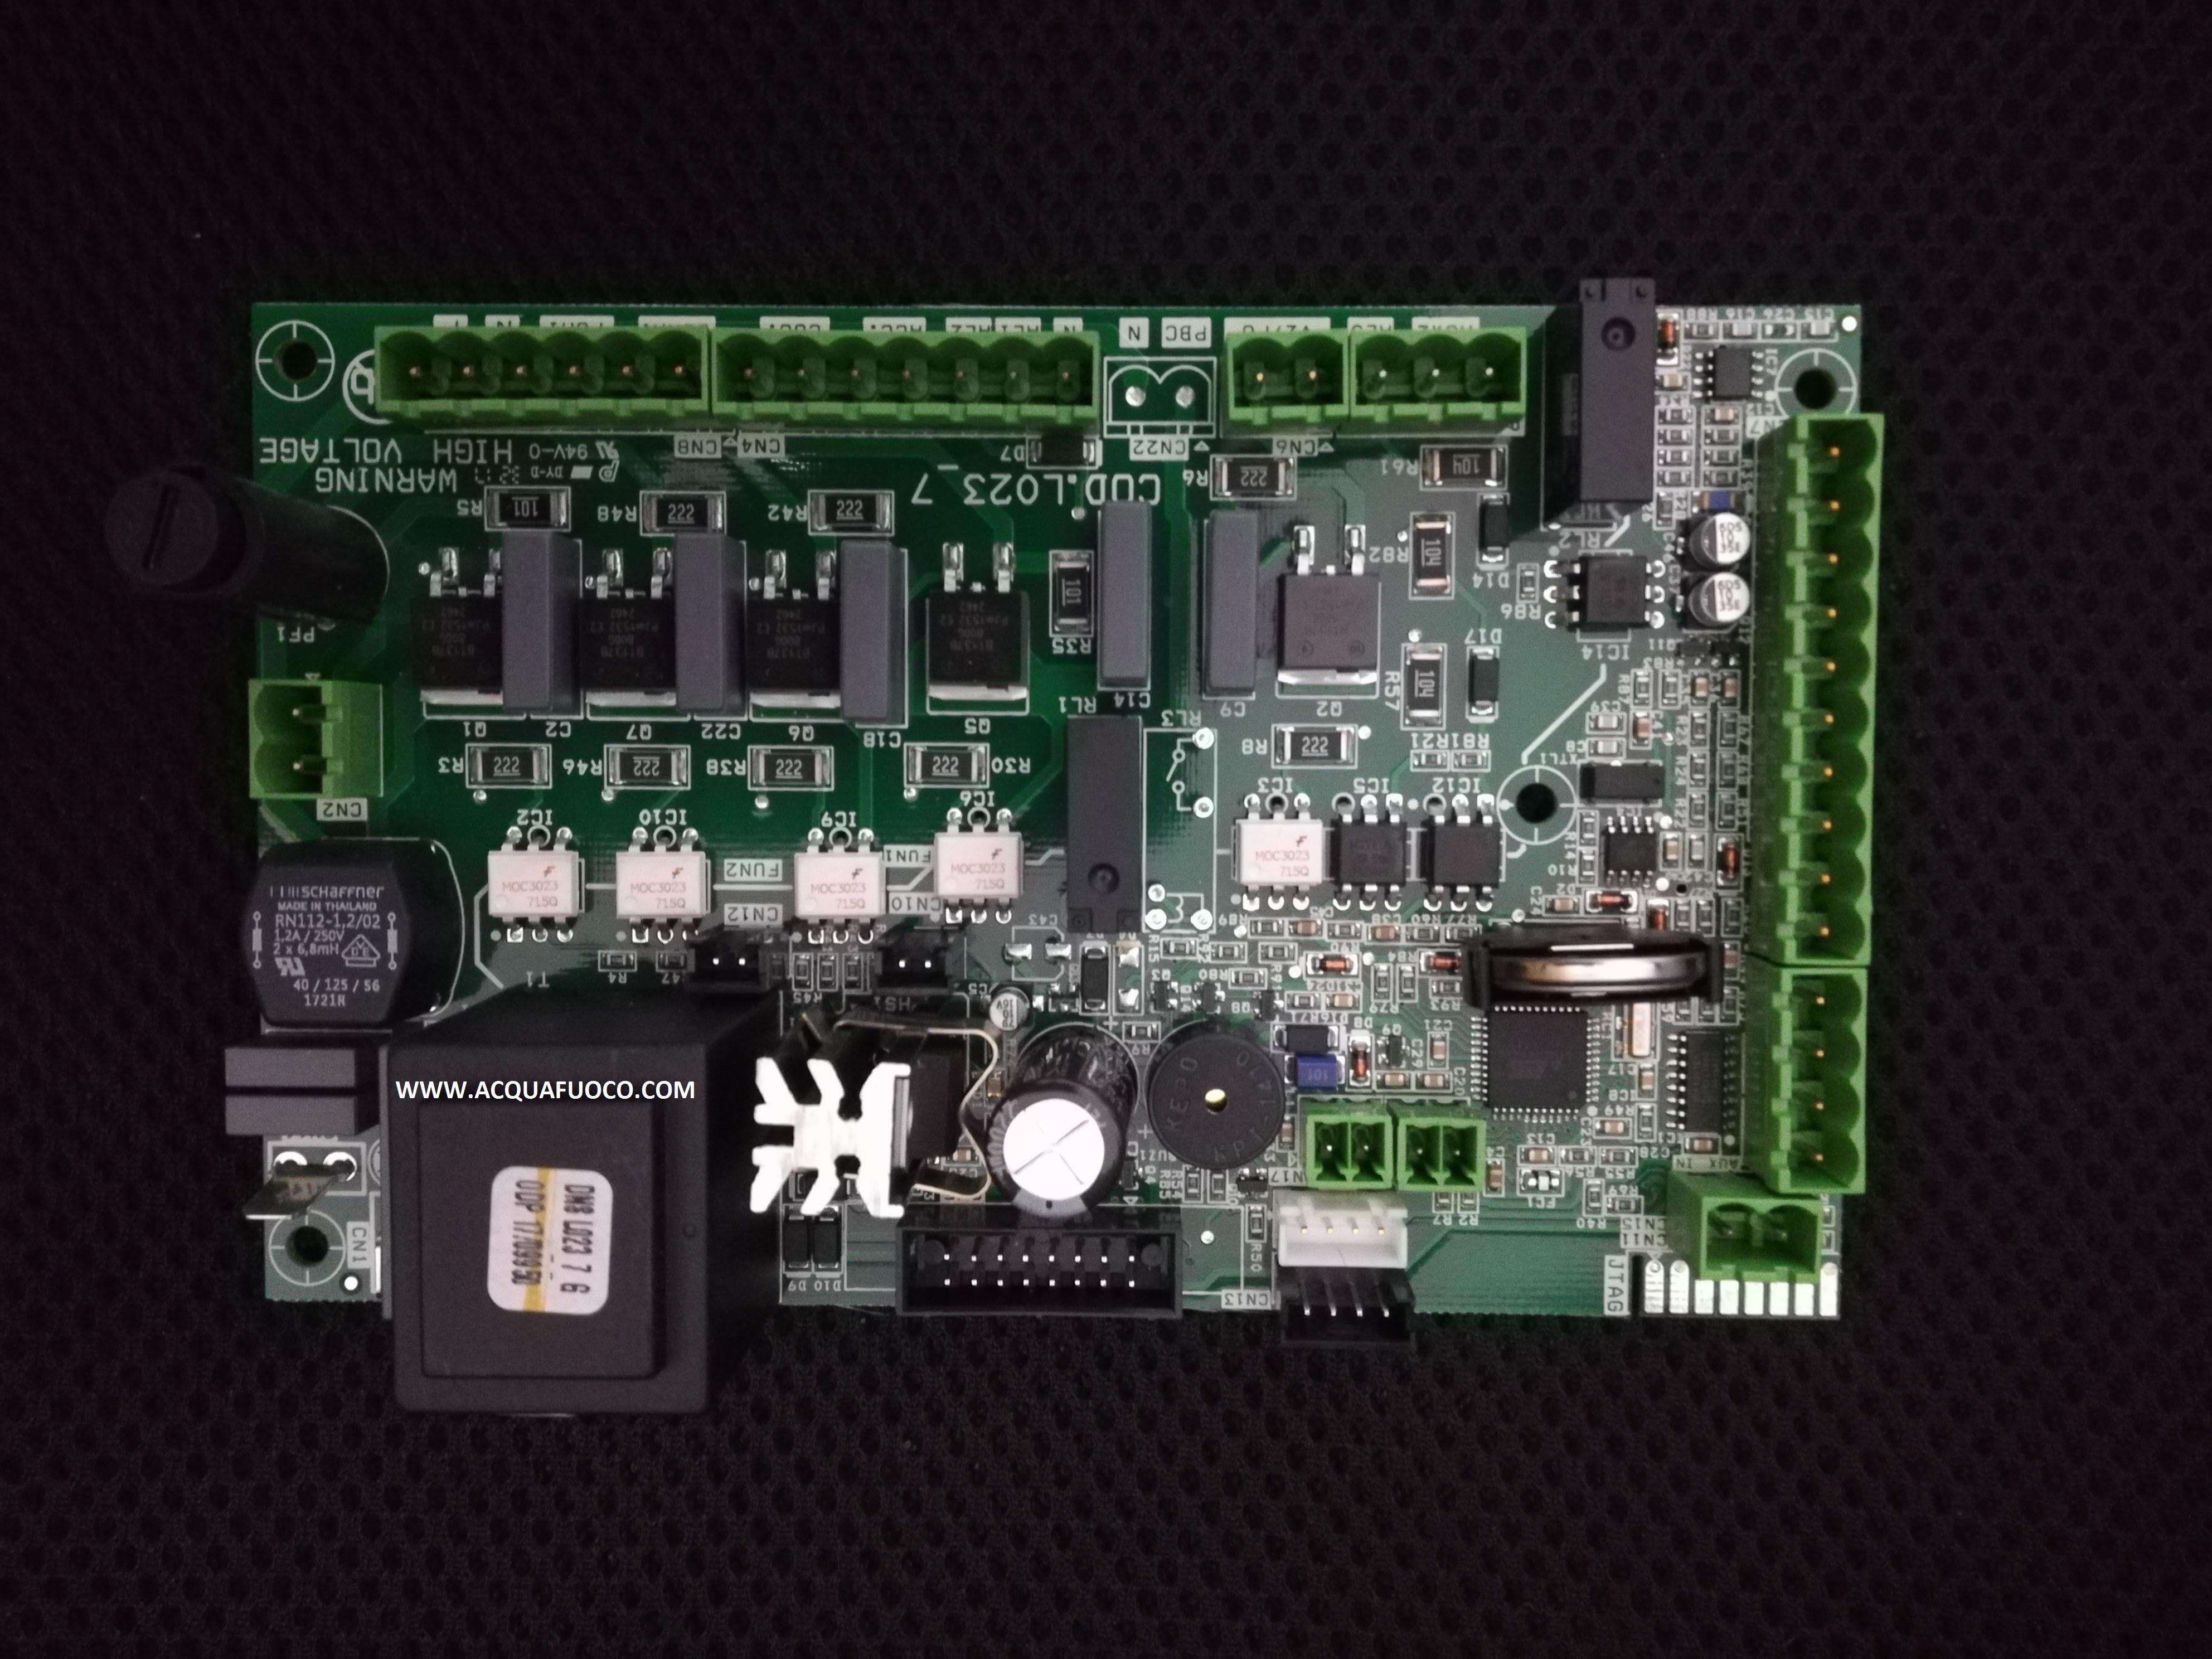 Scheda elettronica stufa ravelli www acquafuoco com for Parametri stufa pellet micronova